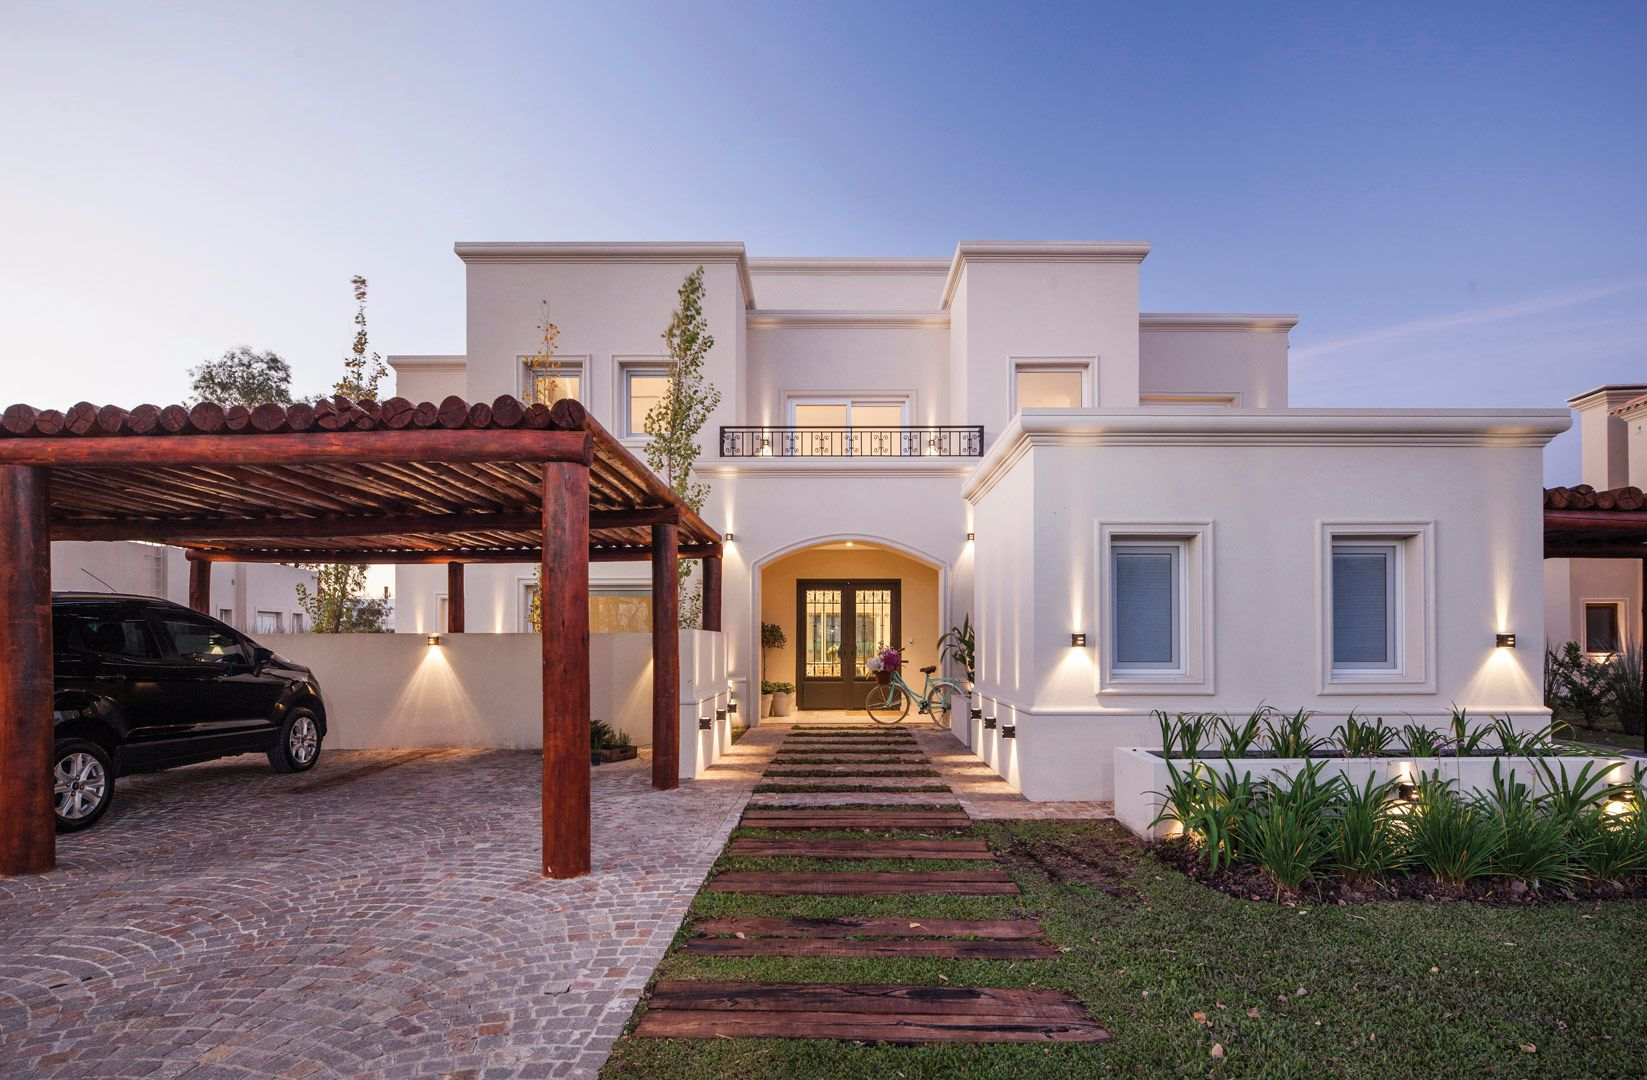 Arquitecto daniel tarrio y asociados home sweet home pinterest casa estilo casas y estilo - Casas clasicas modernas ...